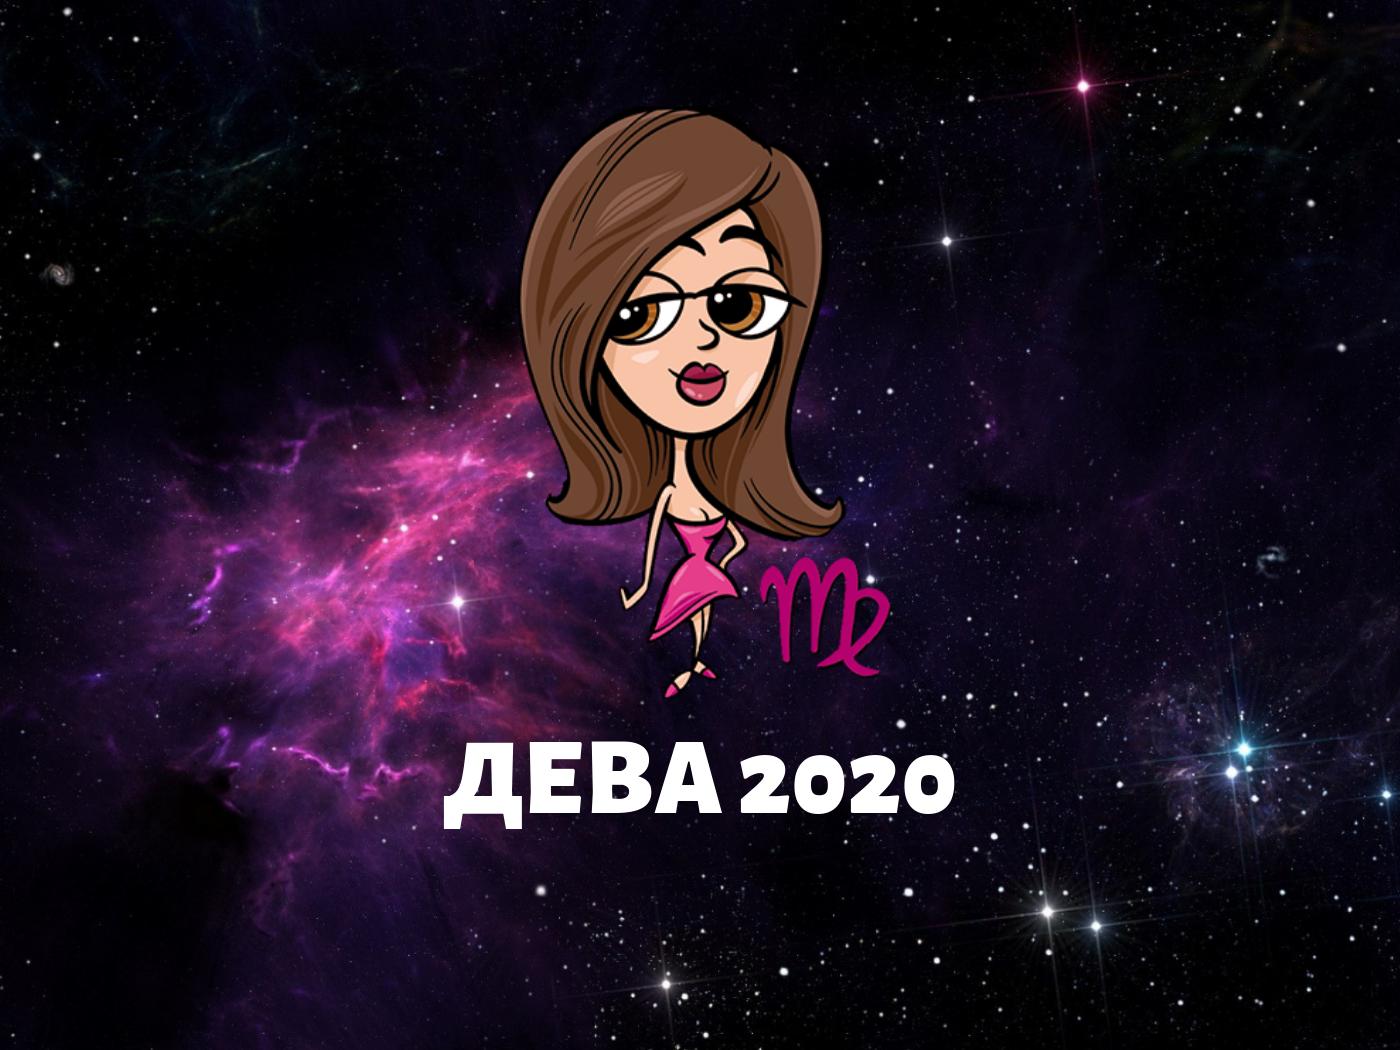 гороскоп Дева 2020